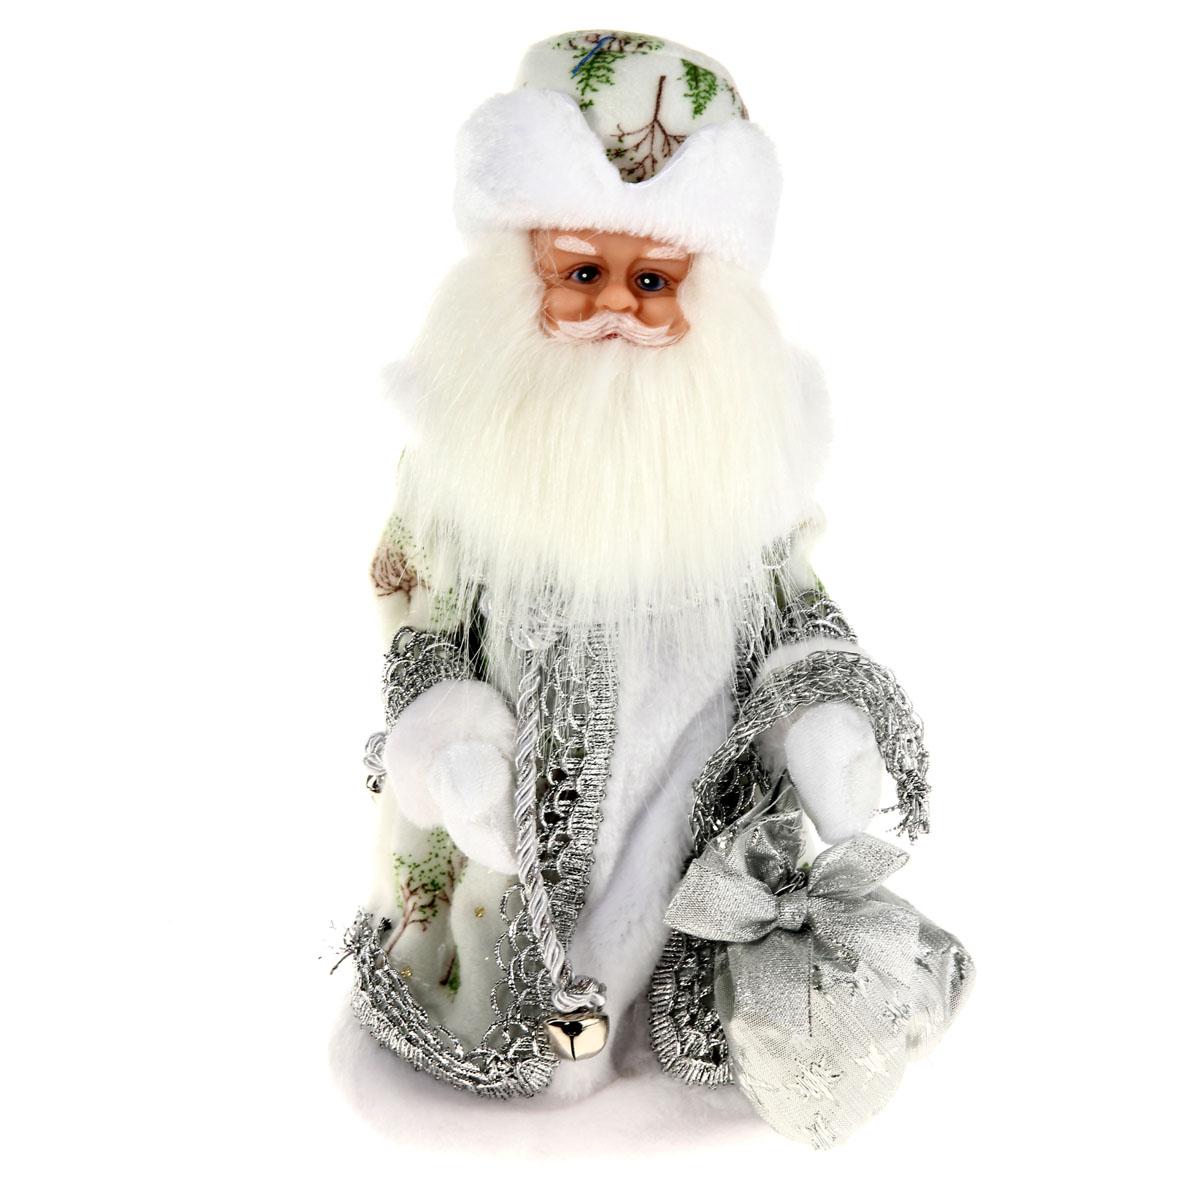 Новогодняя декоративная фигурка Sima-land Дед Мороз, анимированная, высота 28 см. 827841 фигурка декоративная sima land мишка высота 18 см